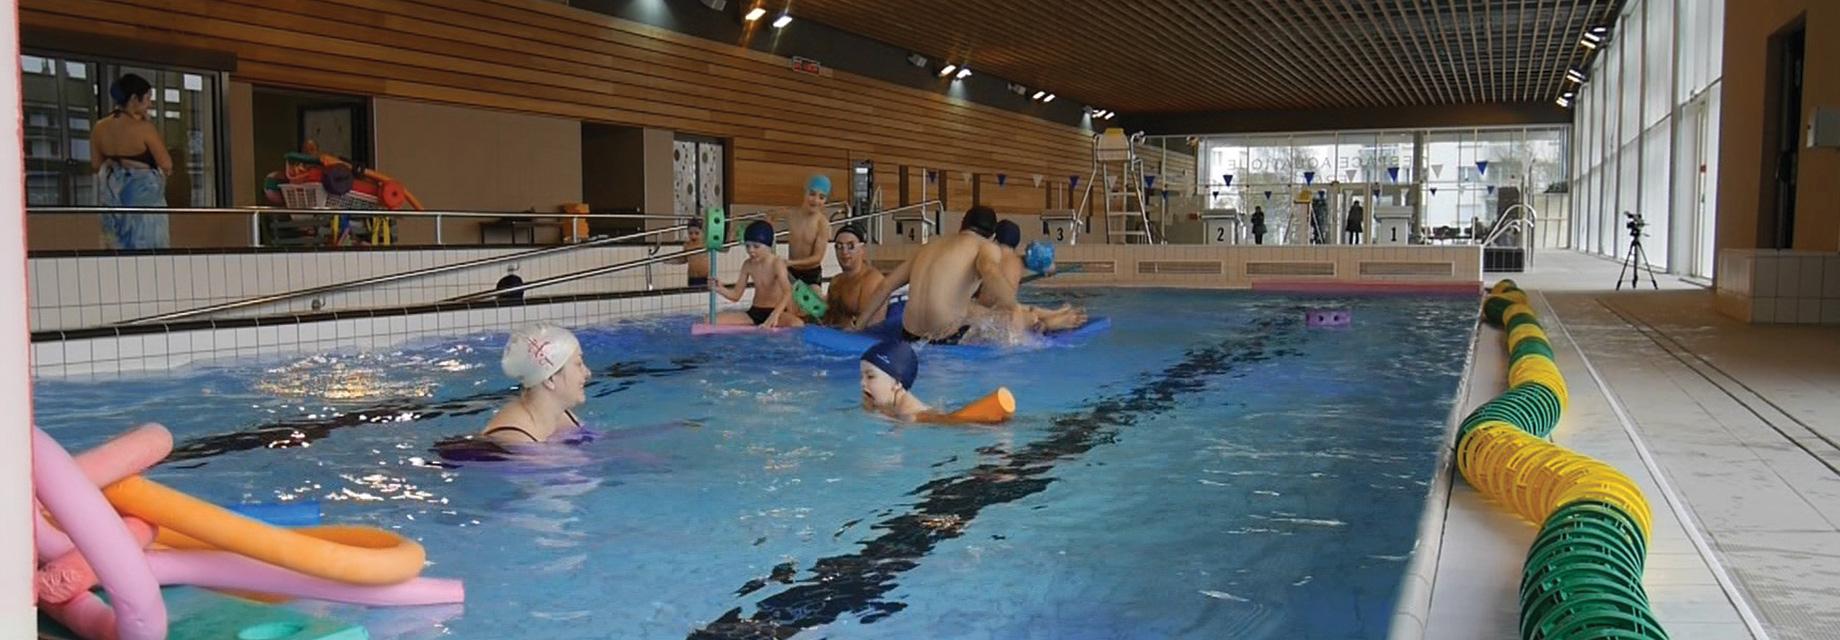 Aqualoisirs Meaux - Aqua Loisirs Est Une Association De ... à Piscine Meaux